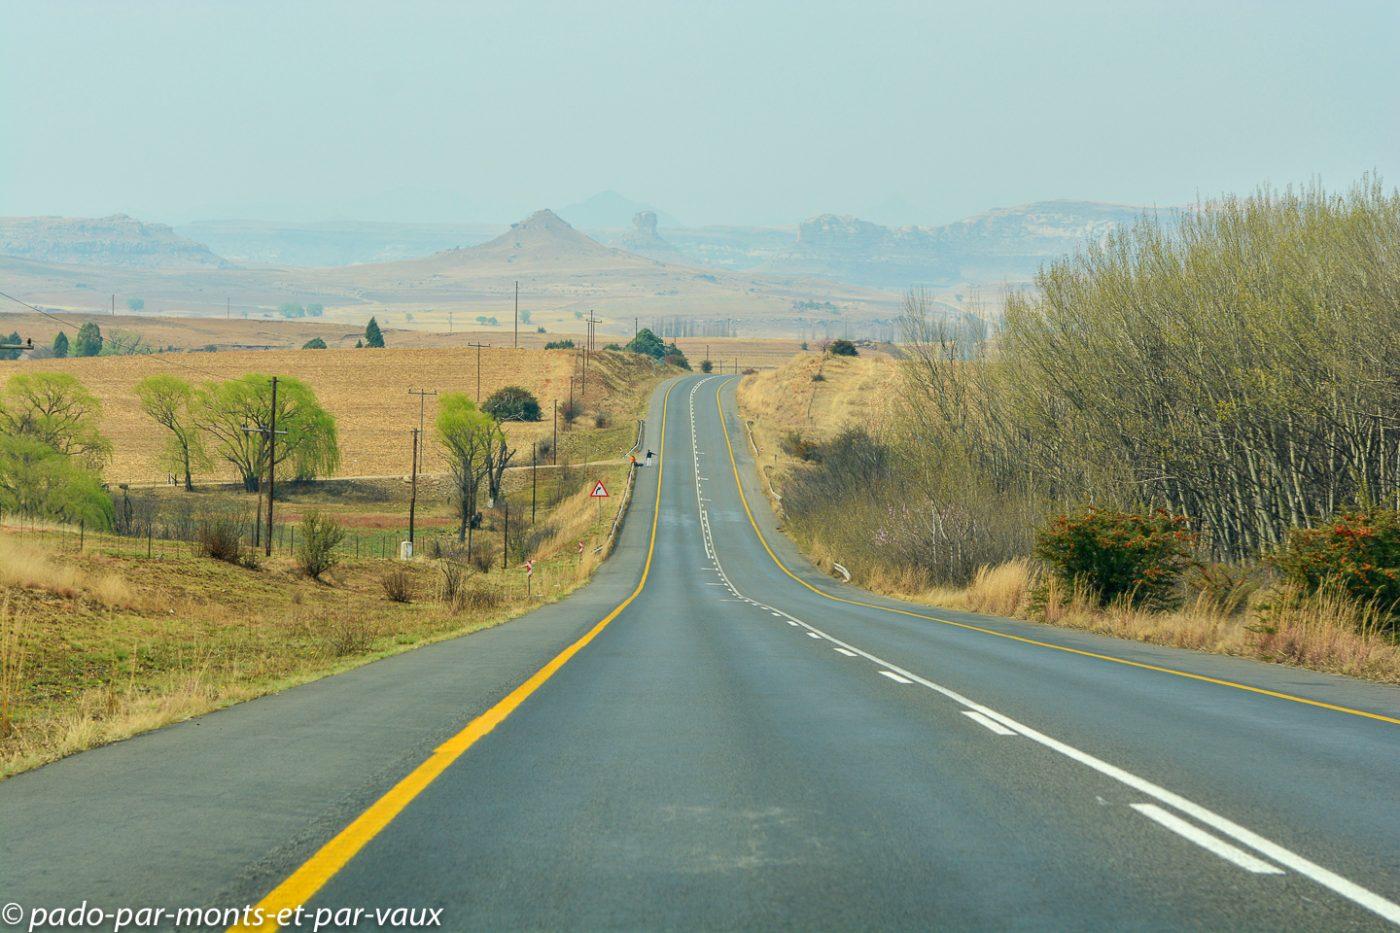 Afrique du Sud - direction de Clarens